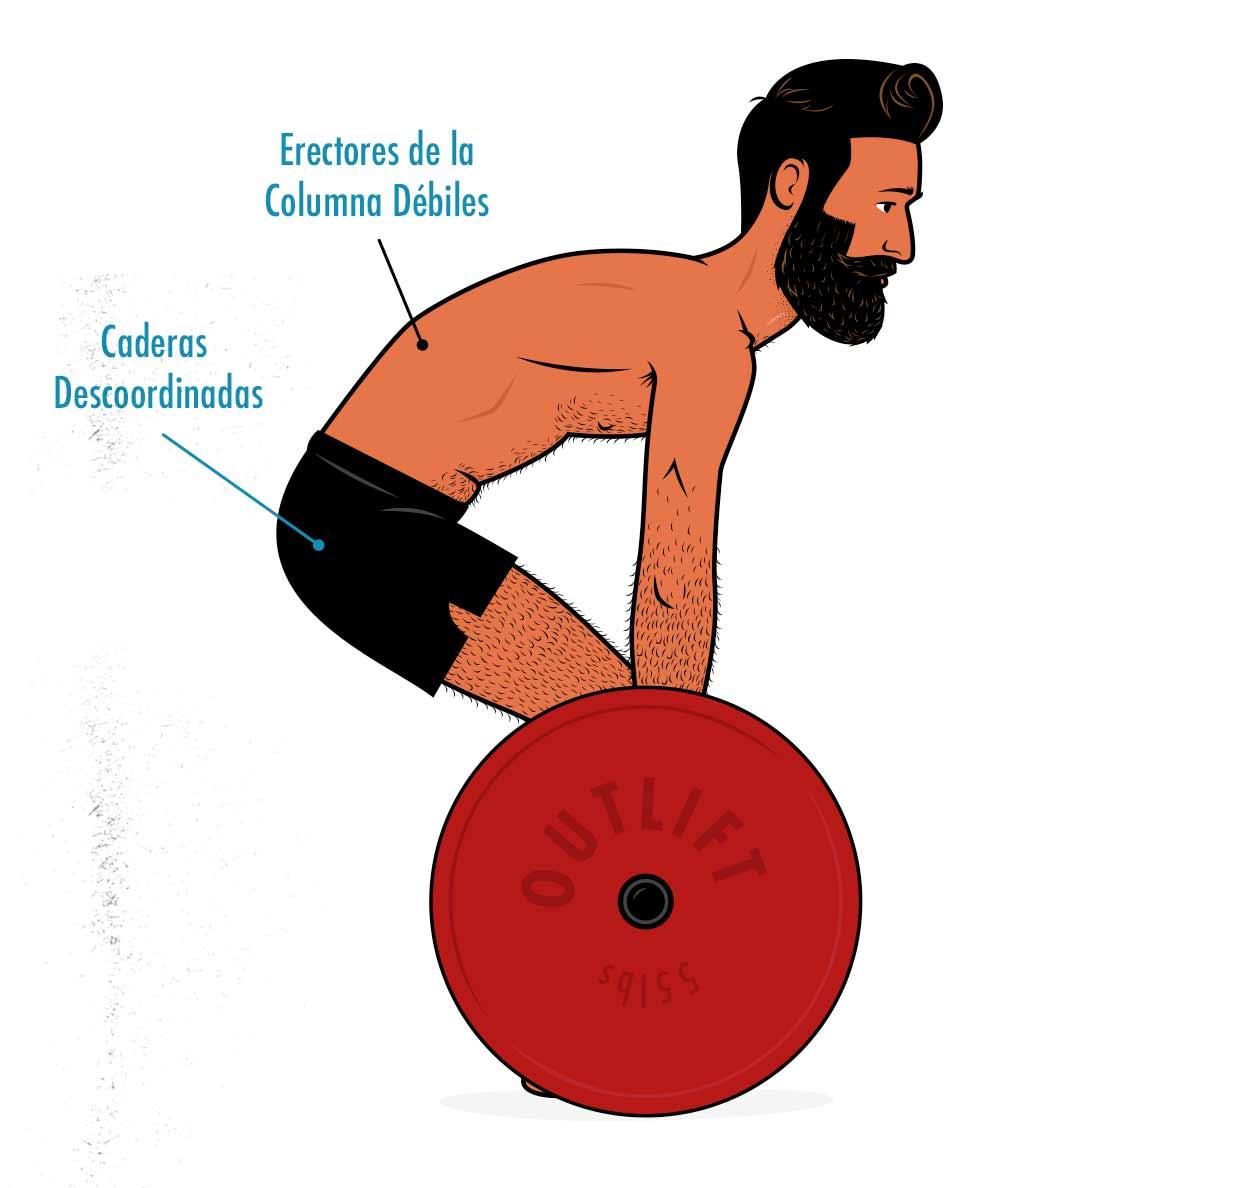 Ilustración de un hombre haciendo un peso muerto con mala técnica.